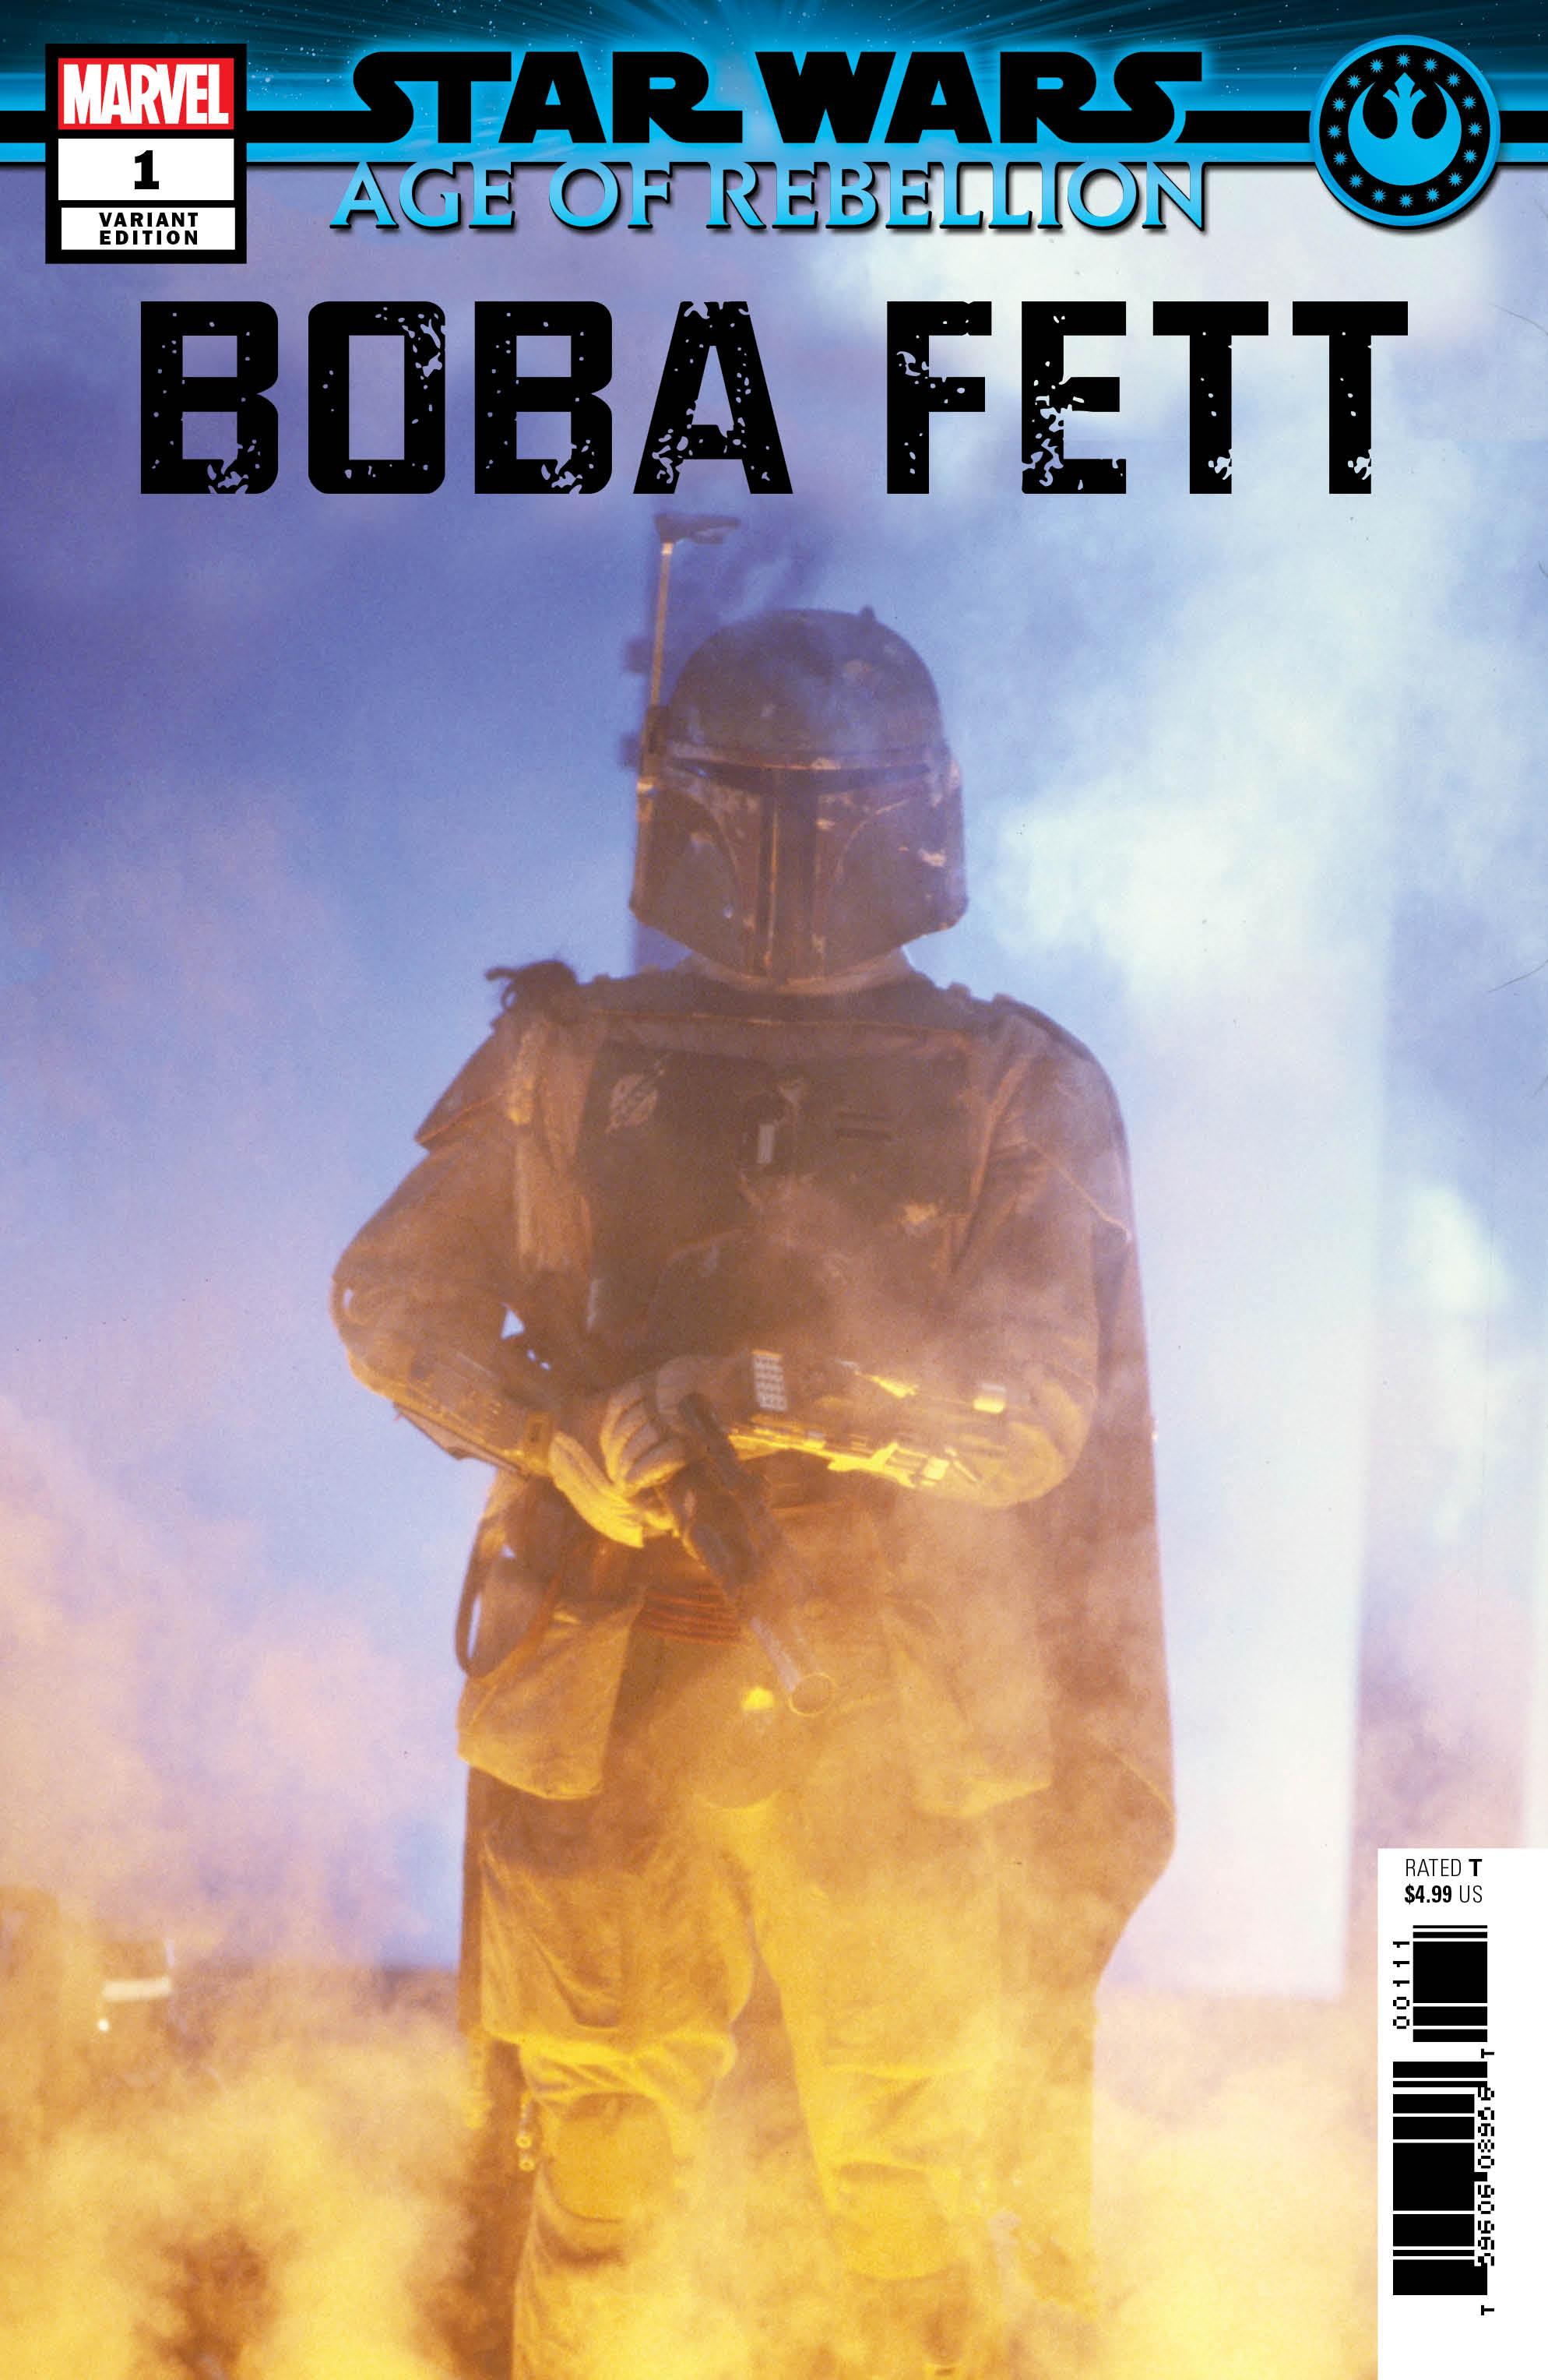 Age of Rebellion: Boba Fett #1 (Movie Variant Cover) (08.05.2019)